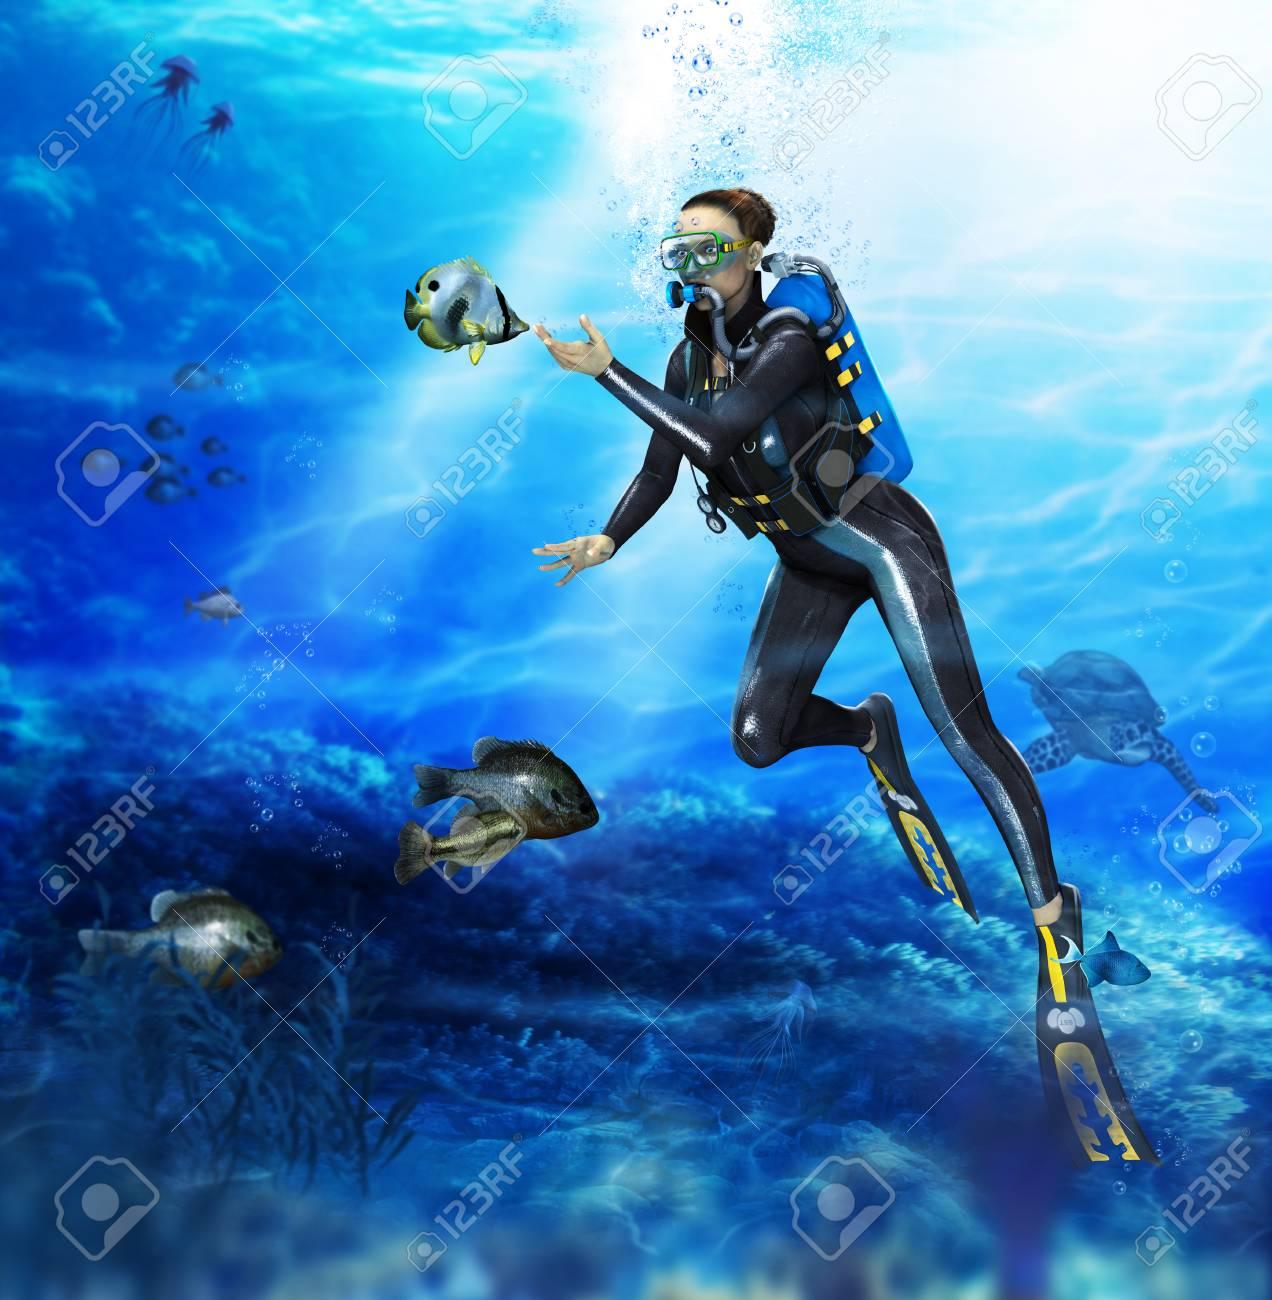 rencontre femme plongeuse